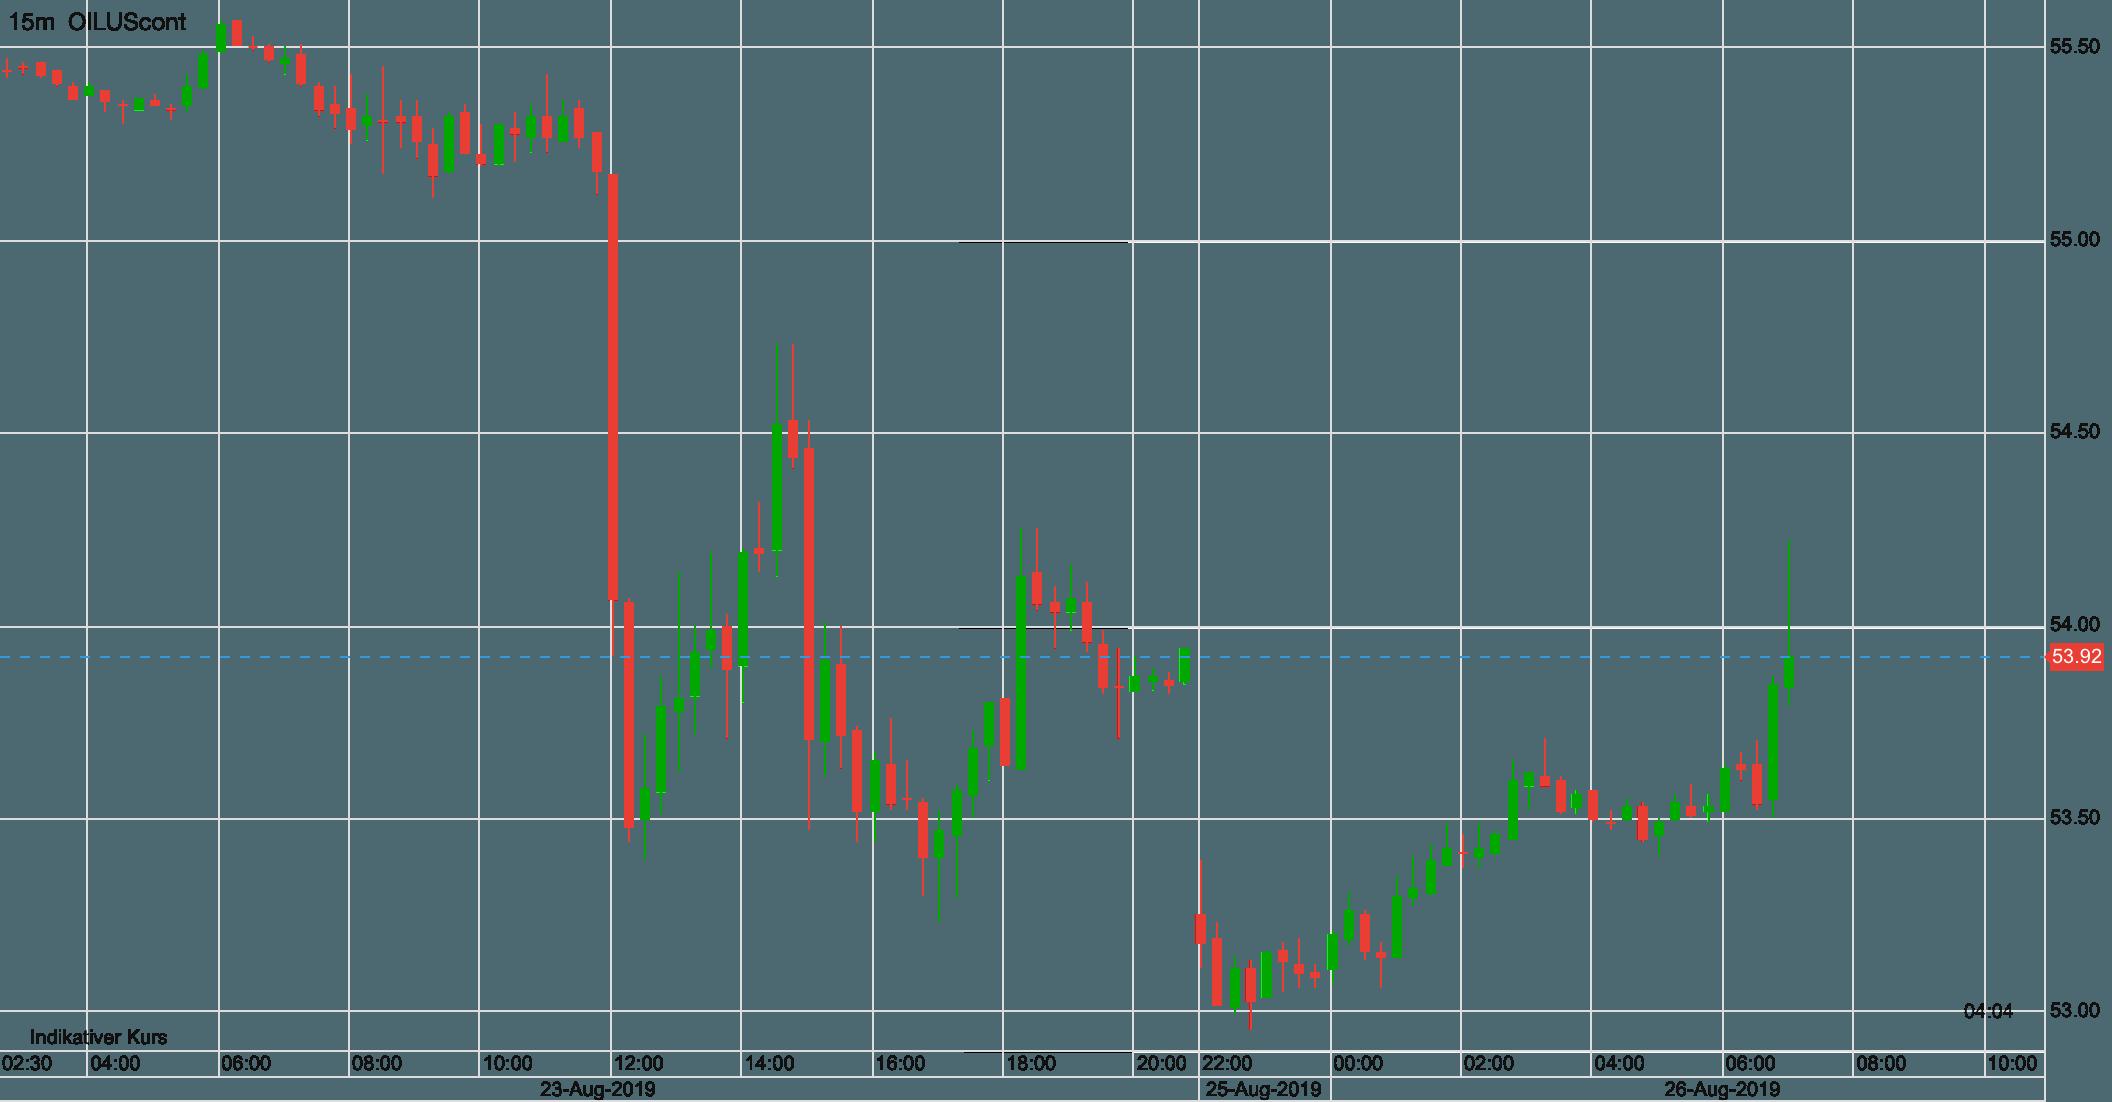 Ölpreis WTI seit Freitag